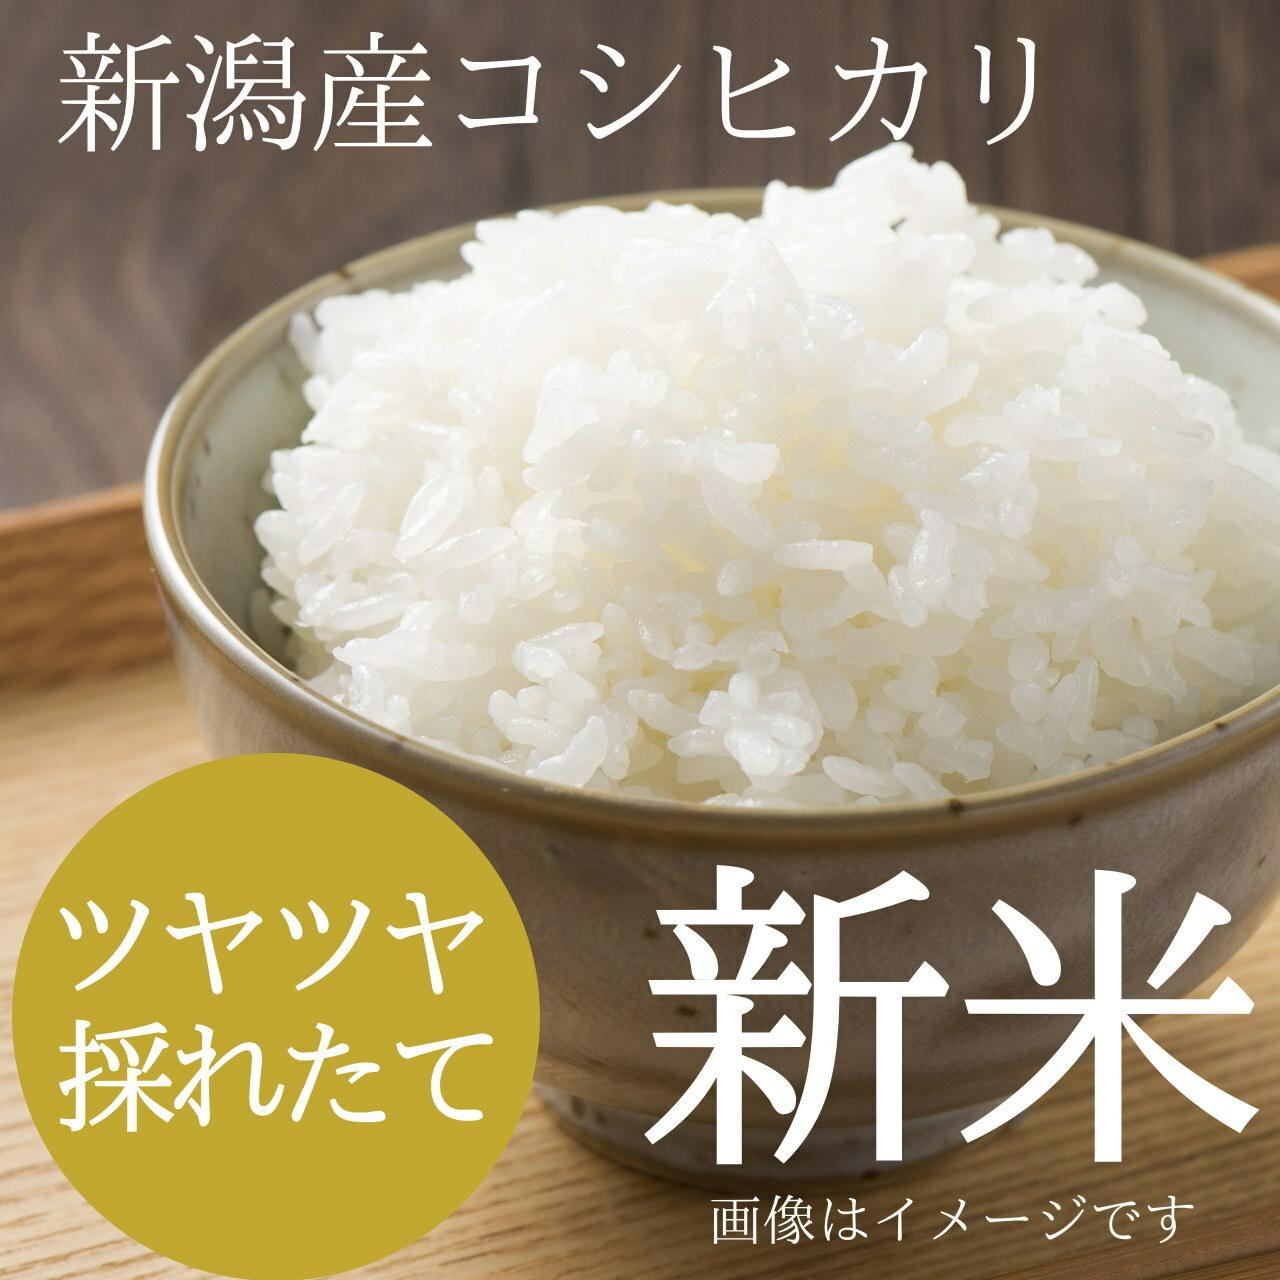 新米 新潟コシヒカリ 20kg (20キロ)新潟米 精白米 農家のお米 2020年 新潟県阿賀野産